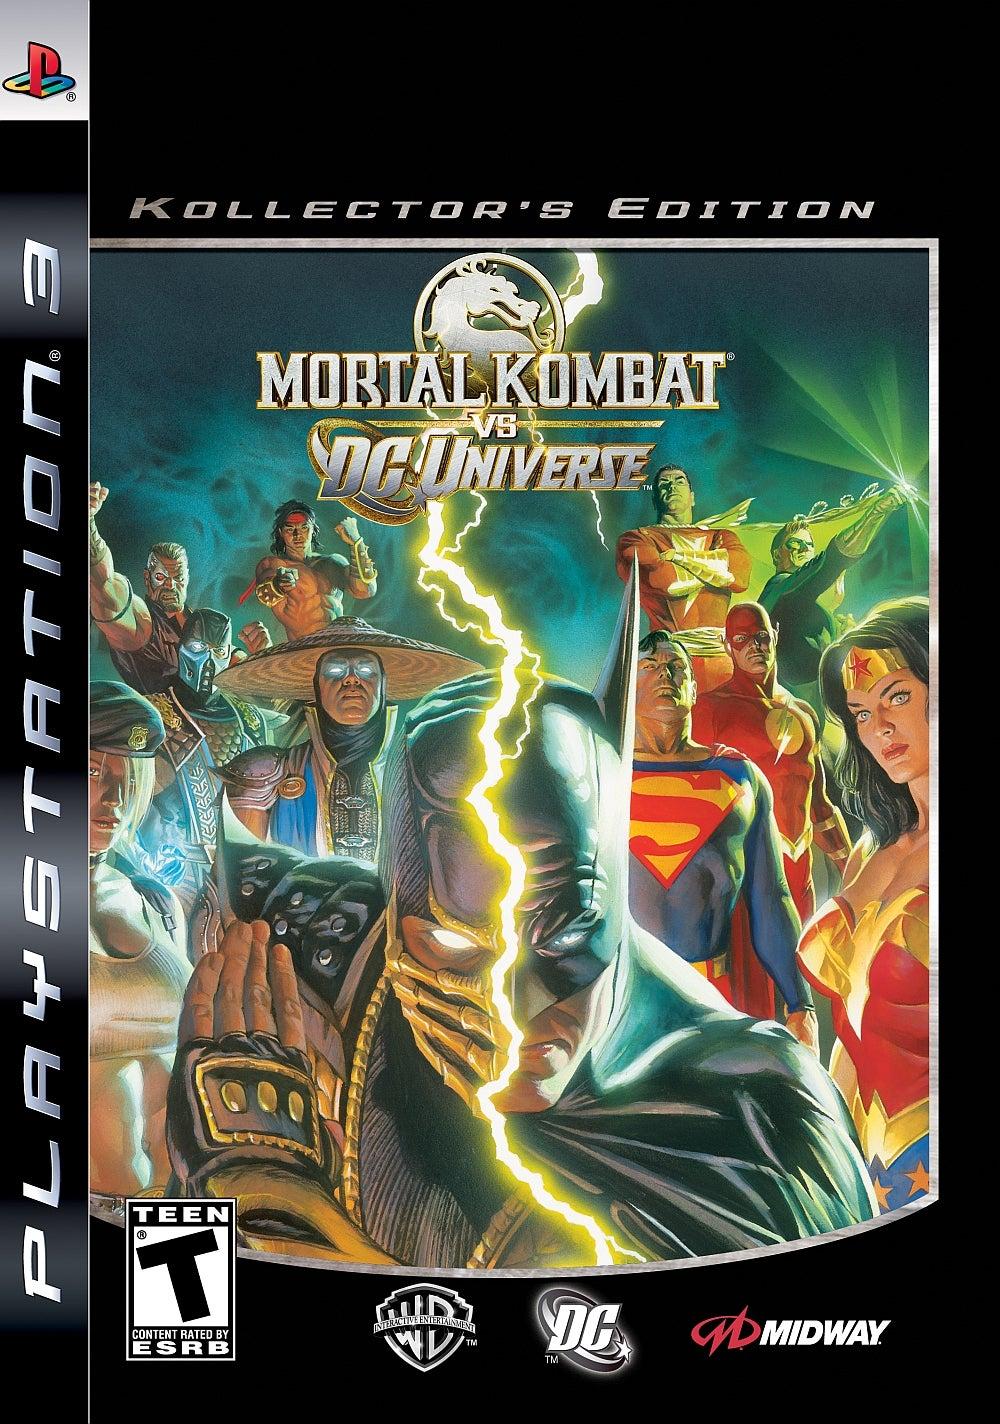 Mortal Kombat Vs DC Universe Kollectors Edition